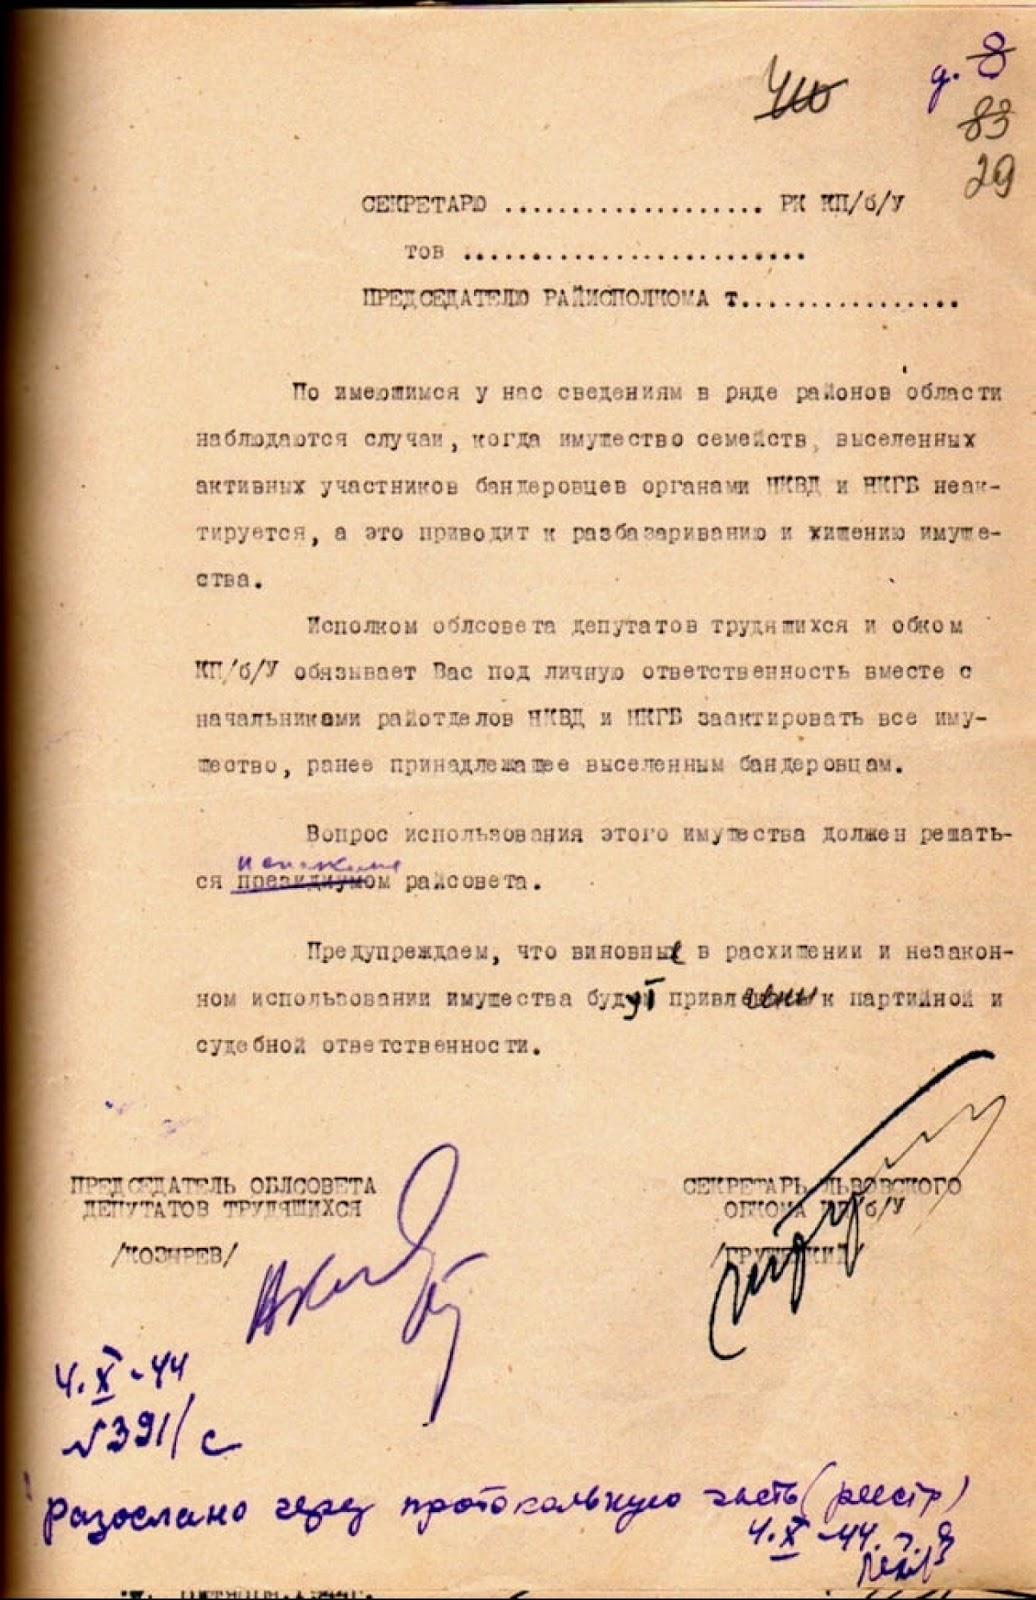 Письмо секретаря Львовского обкома КП(б)У И. Грушецкого о хищении имущества депортированных, 1944 г.